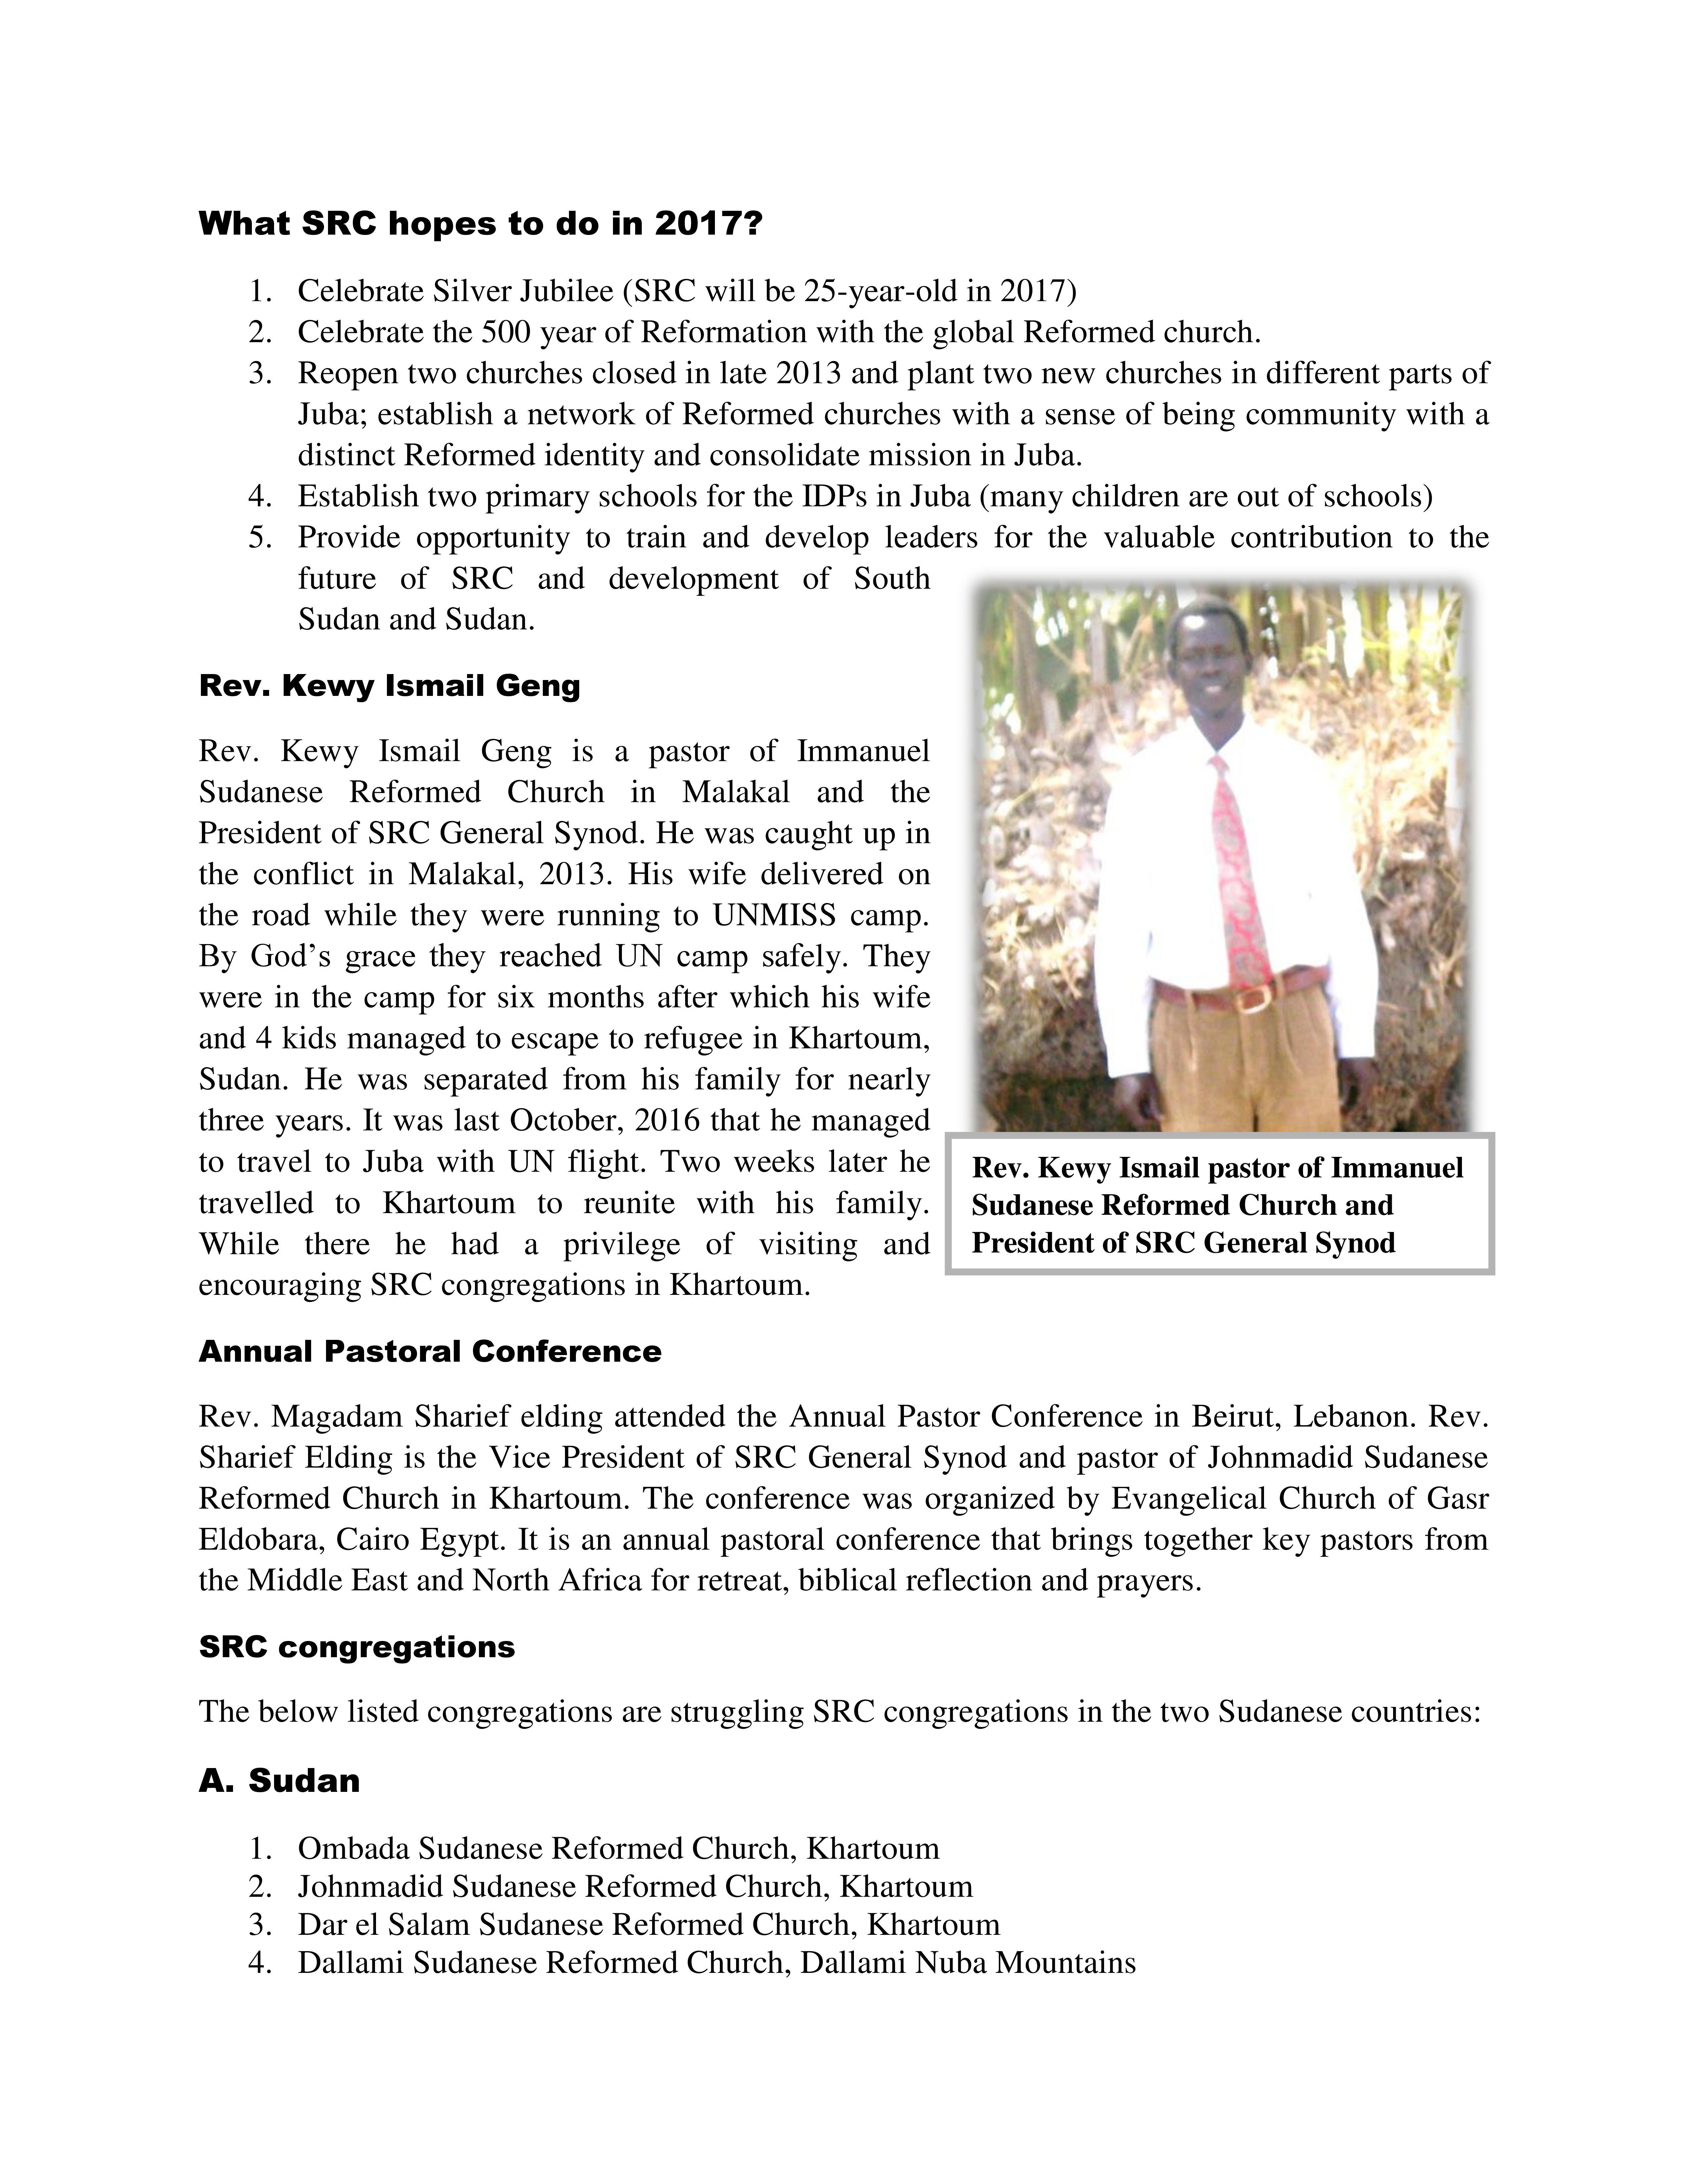 SRC '16 Page 6